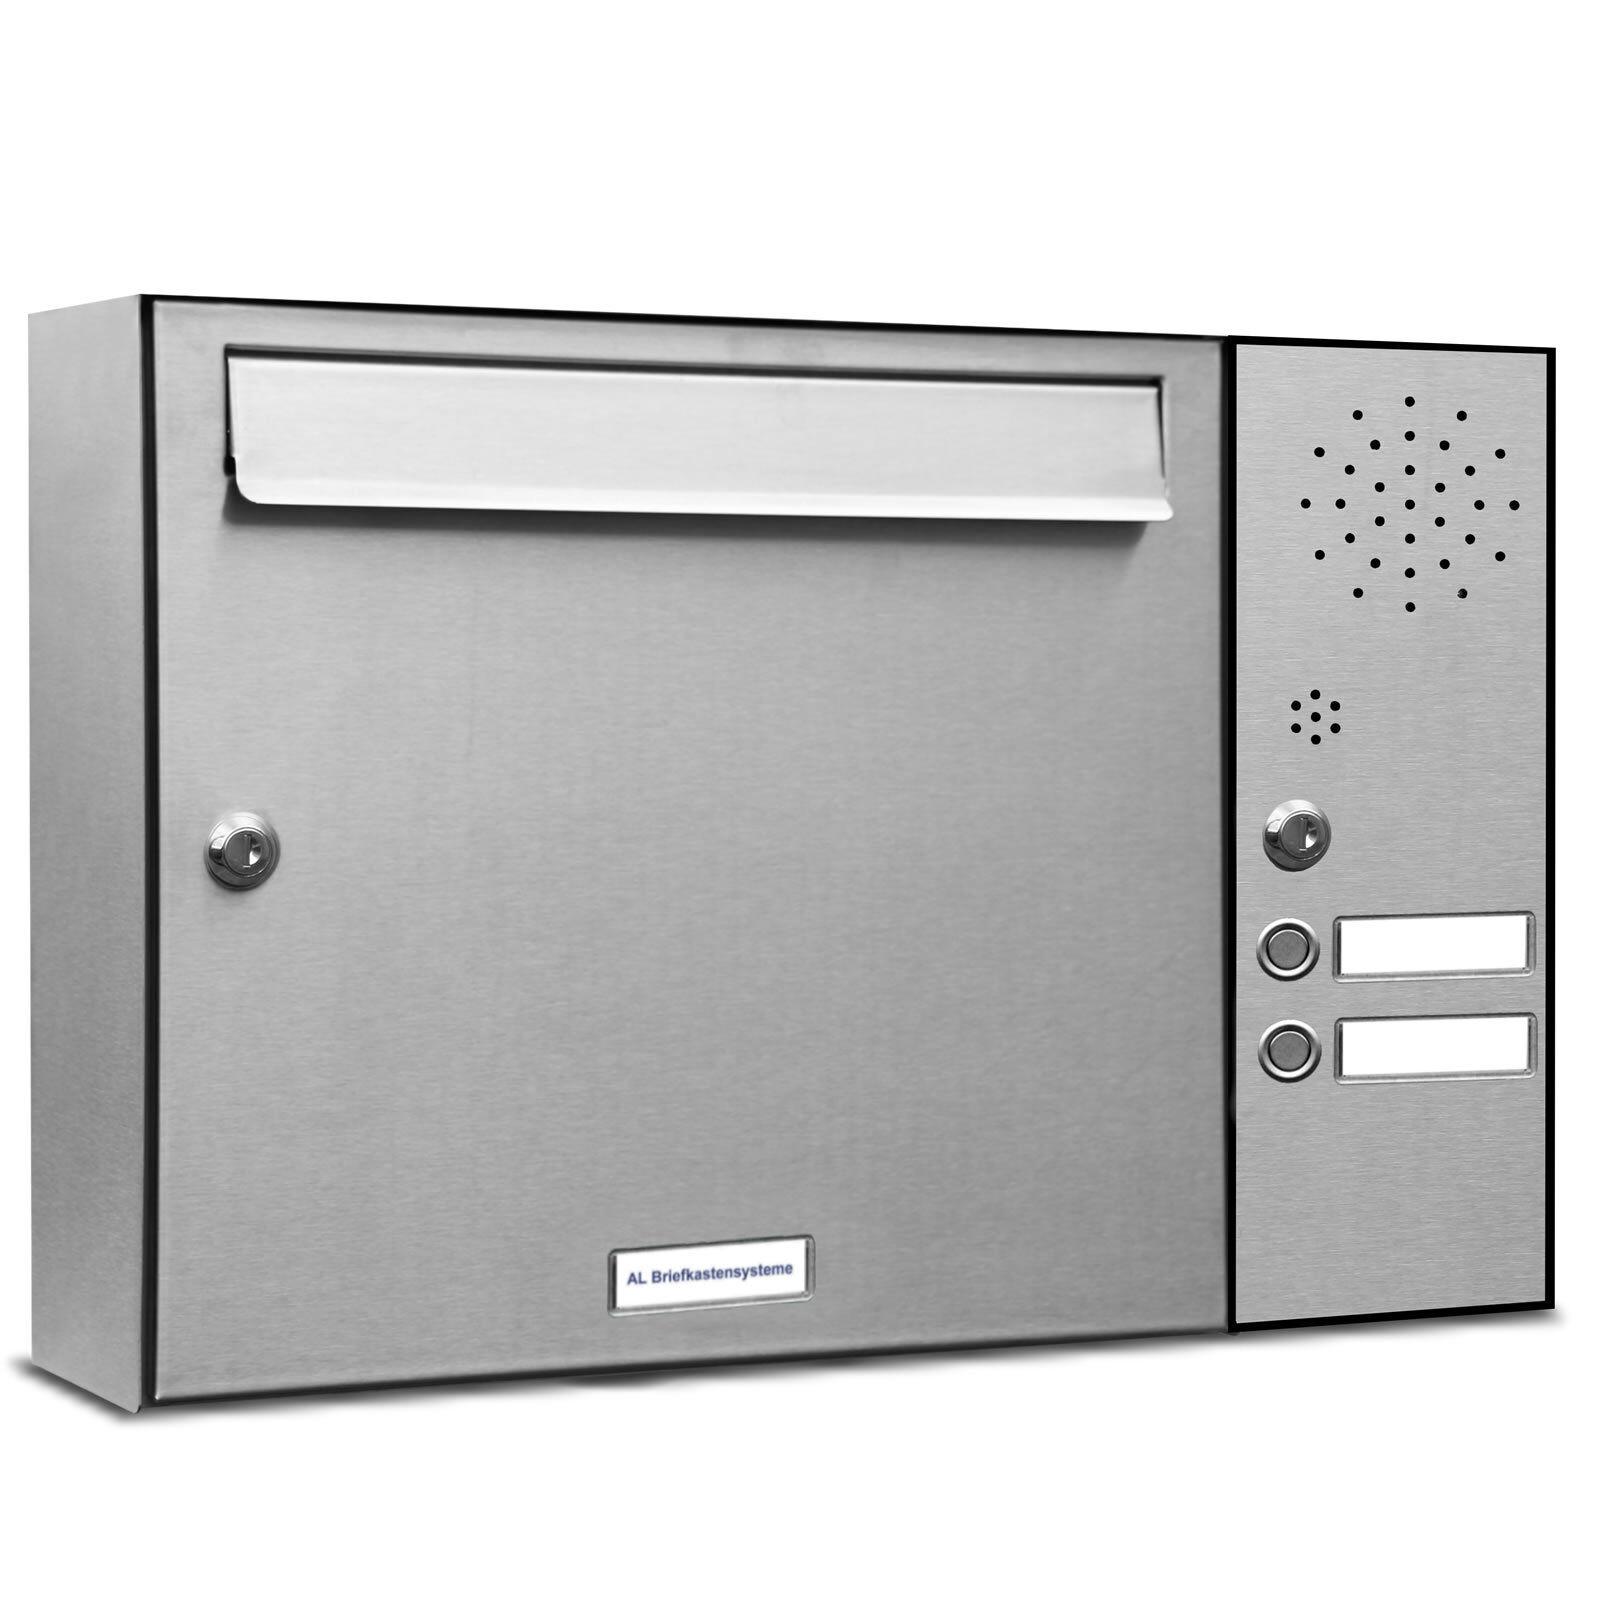 1 er Premium Edelstahl Design Wand Briefkasten Anlage 2 Klingeln Postkasten